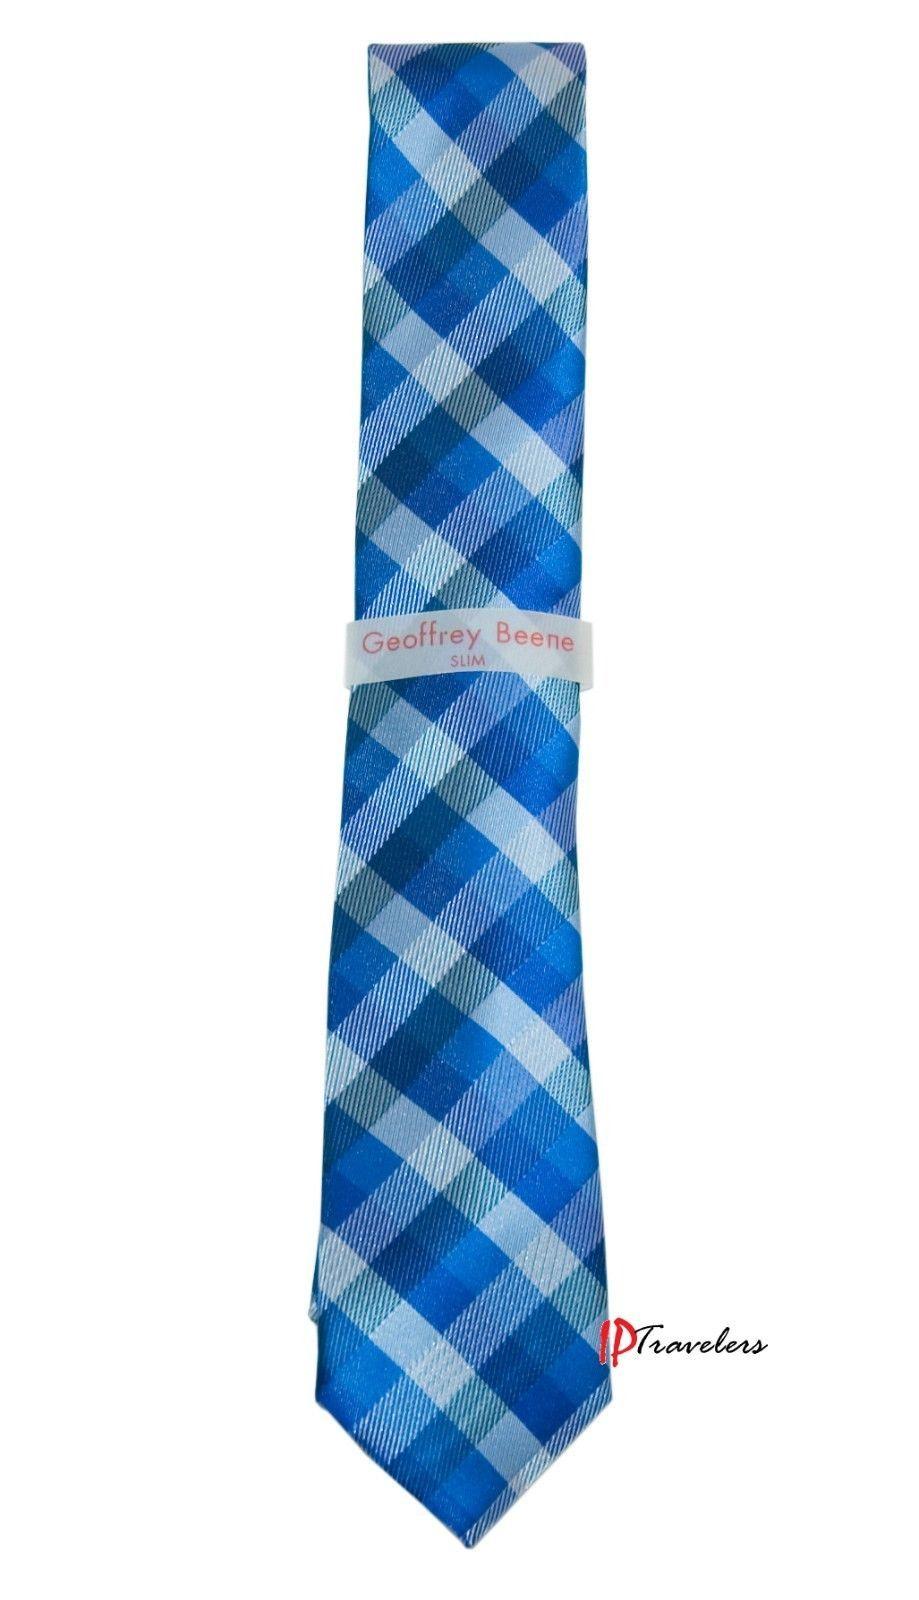 Geoffrey Beene Men's Neck Tie Slim Dark Blue and White Checkered 100% Polyester